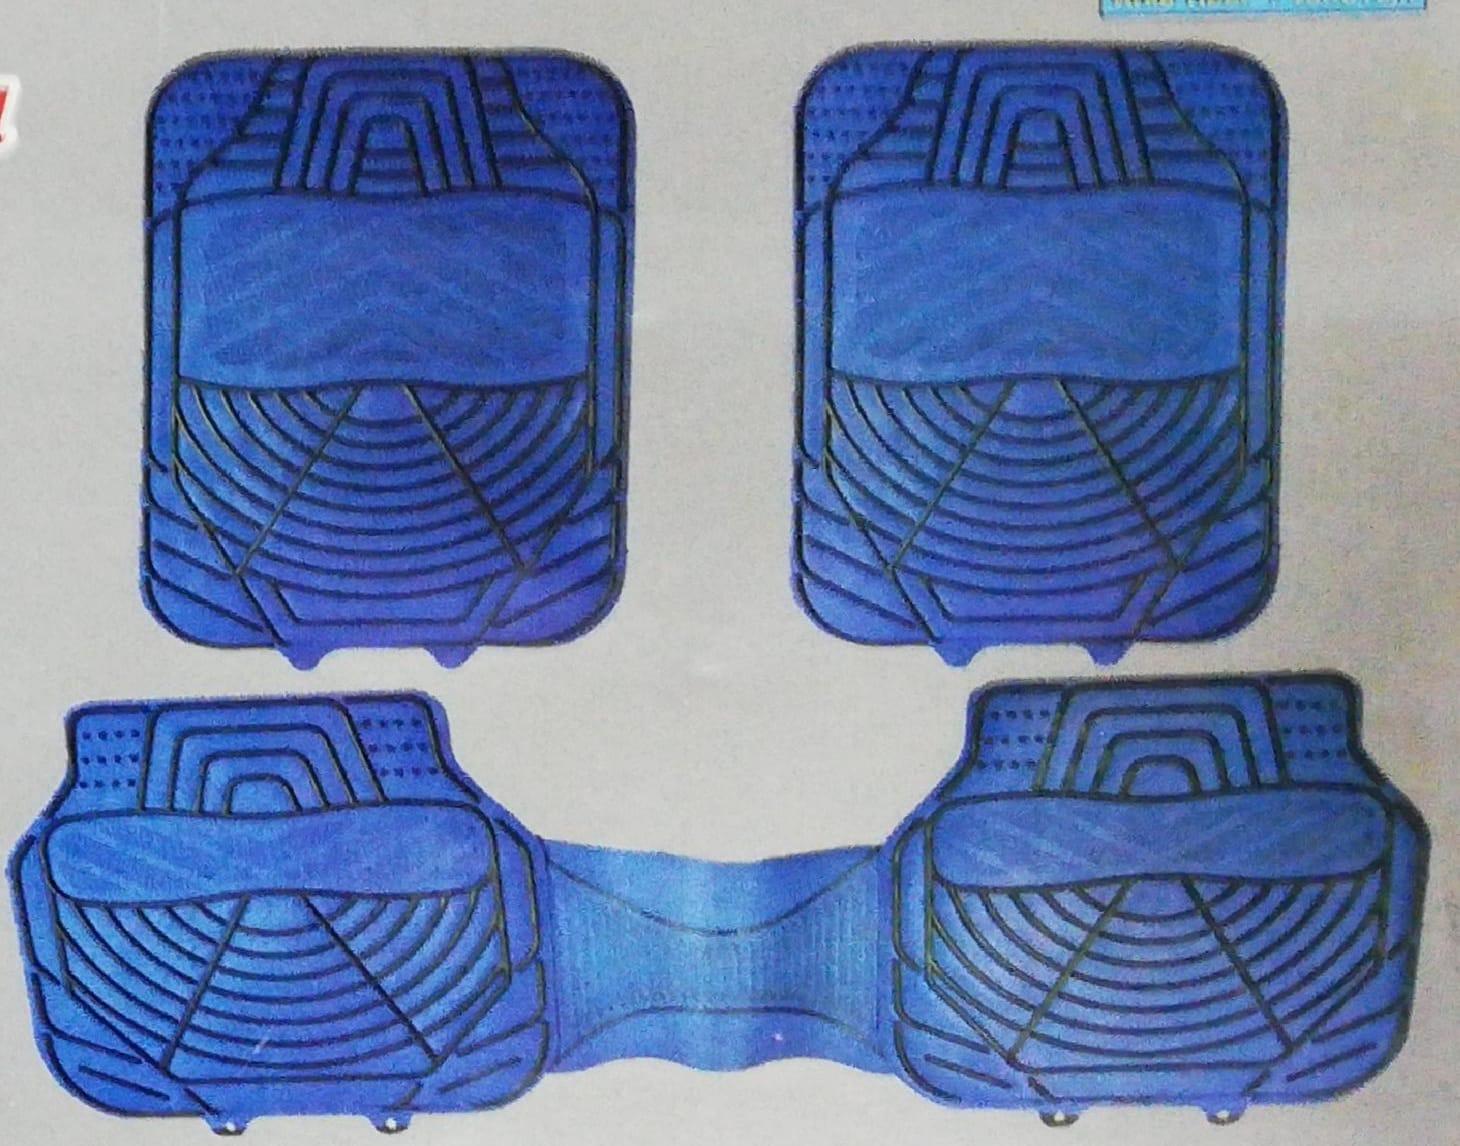 Spor paspas pvc desenli 5 parça siyah kırmızı gri mavi